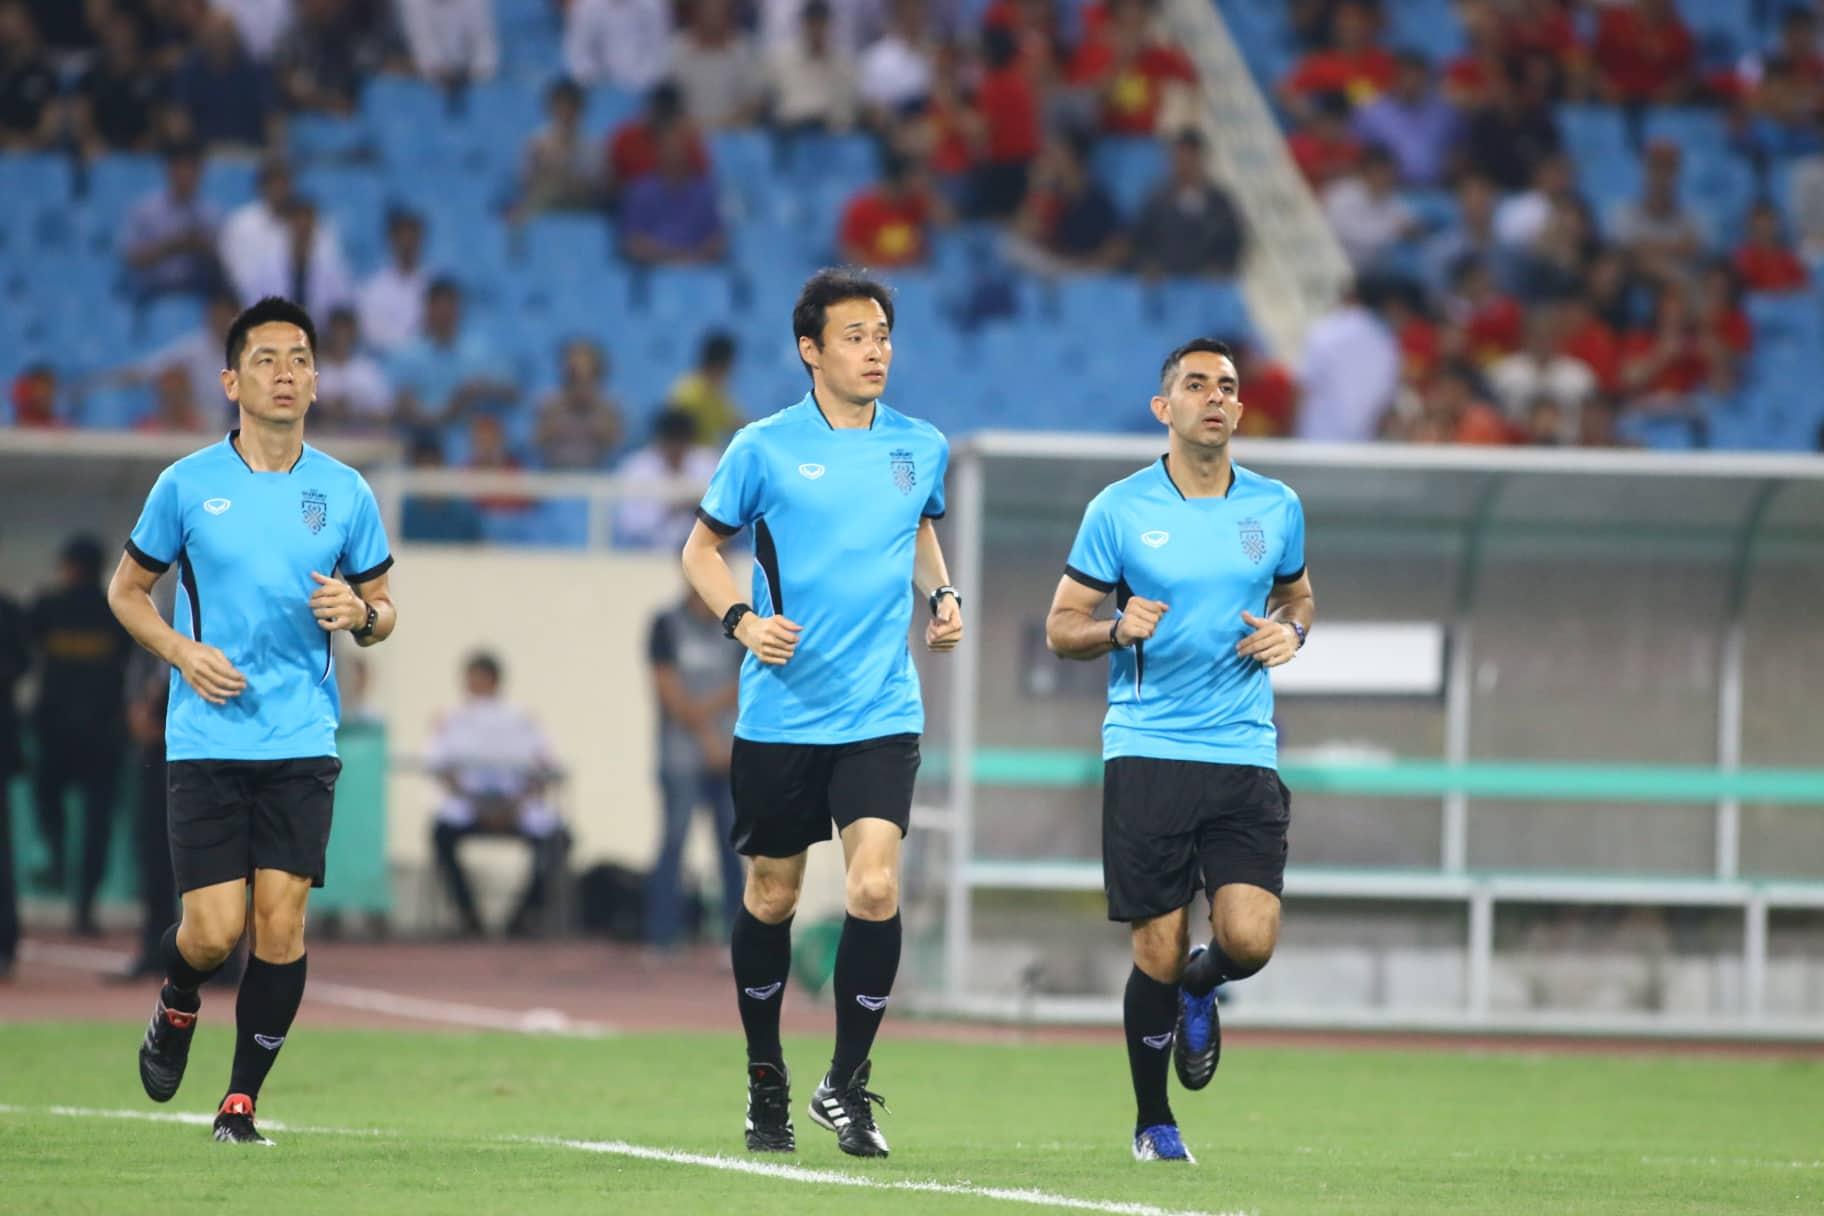 TRỰC TIẾP ĐT Việt Nam 0-0 ĐT Philippines: Xuân Trường đá chính, Công Phượng dự bị - Bóng Đá